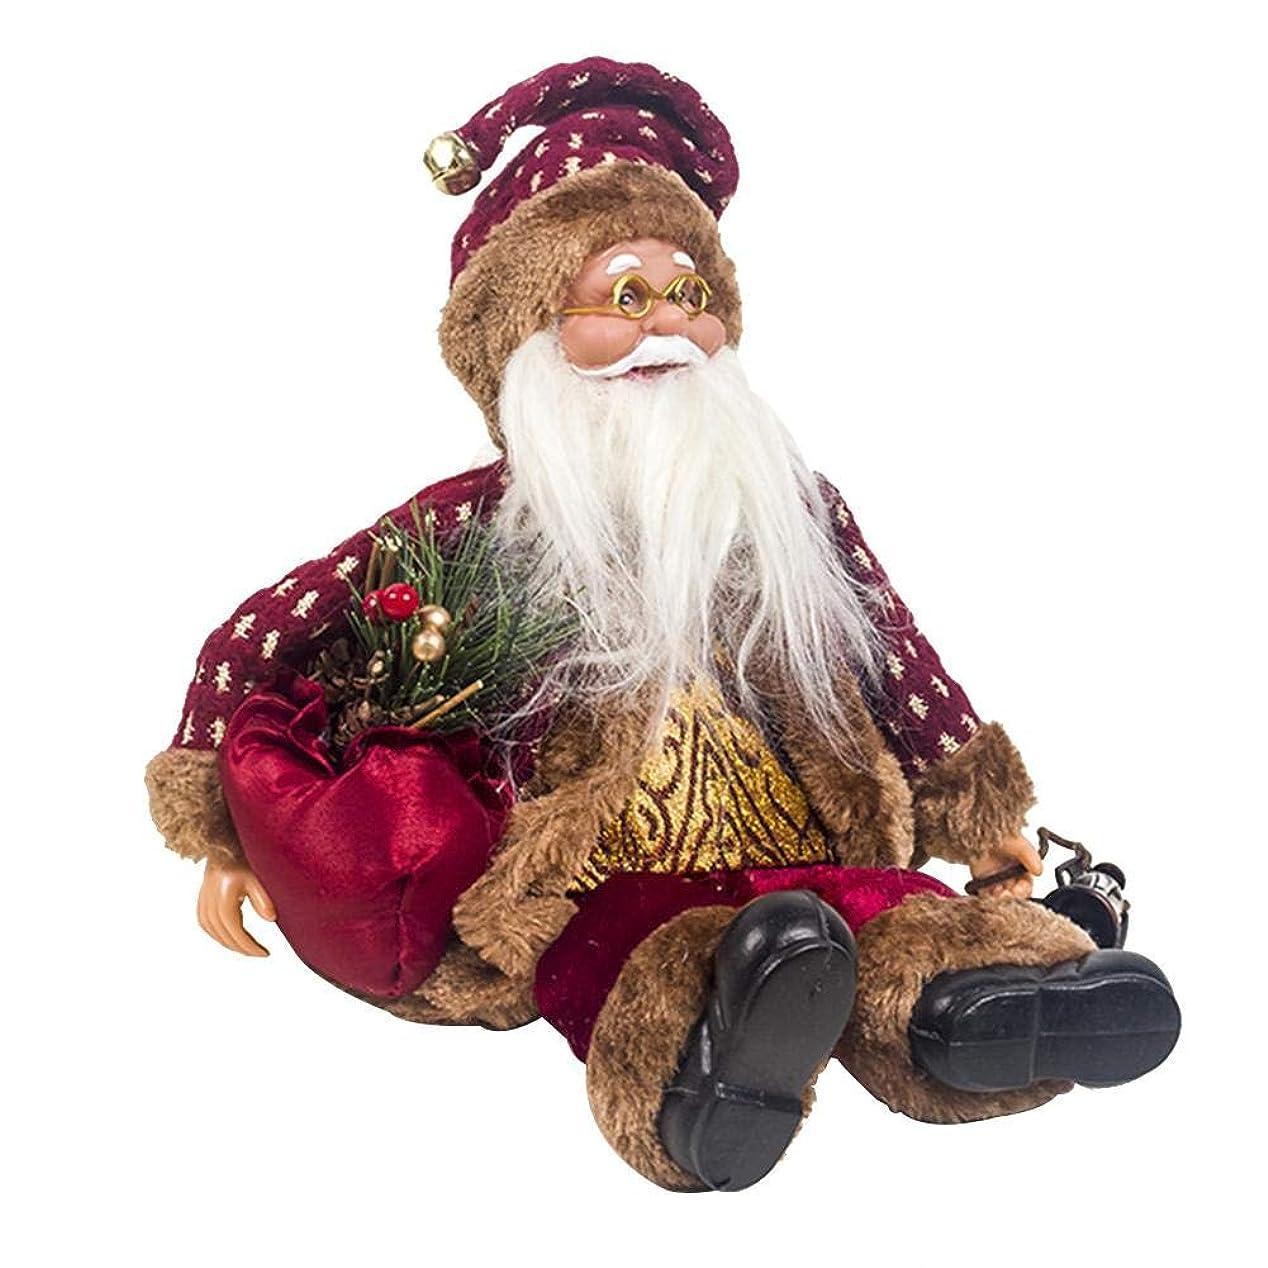 職業リズミカルなアミューズLUERME クリスマス サンタクロース 人形 飾り 置物 置物 卓上 玄関 繰り返し使用 クリスマスプレゼント 雰囲気満載